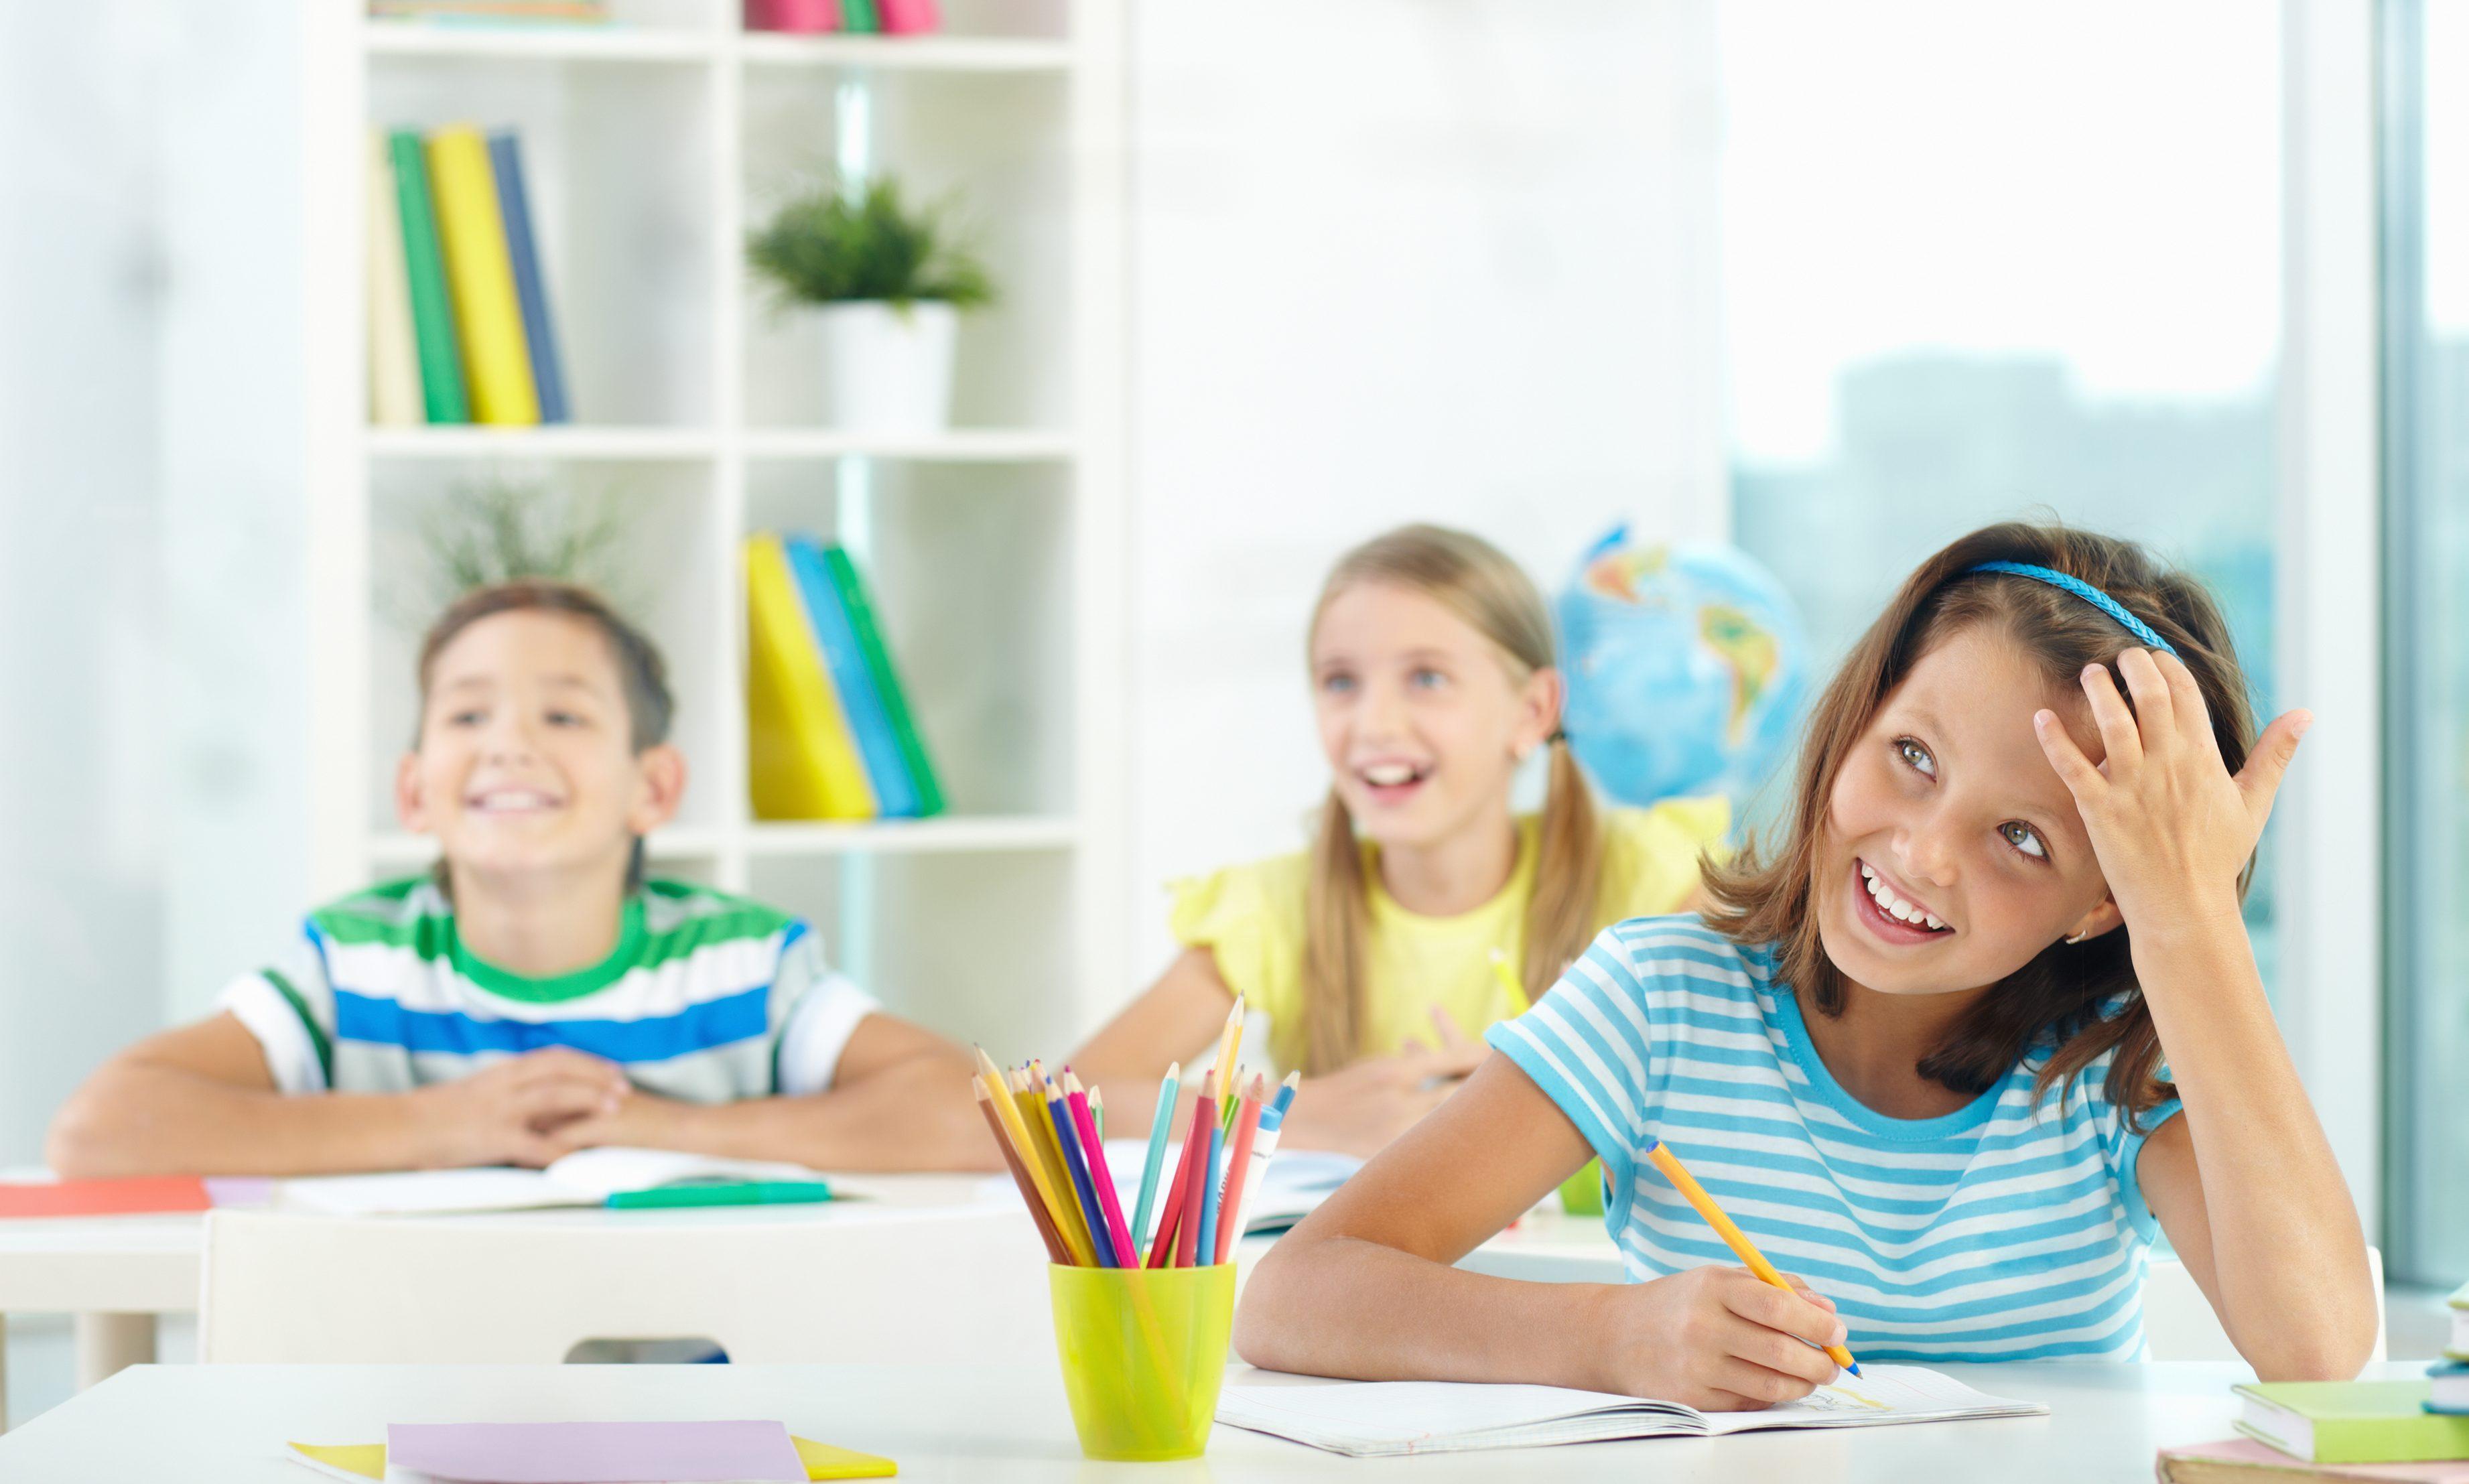 Pistas para motivar os alunos